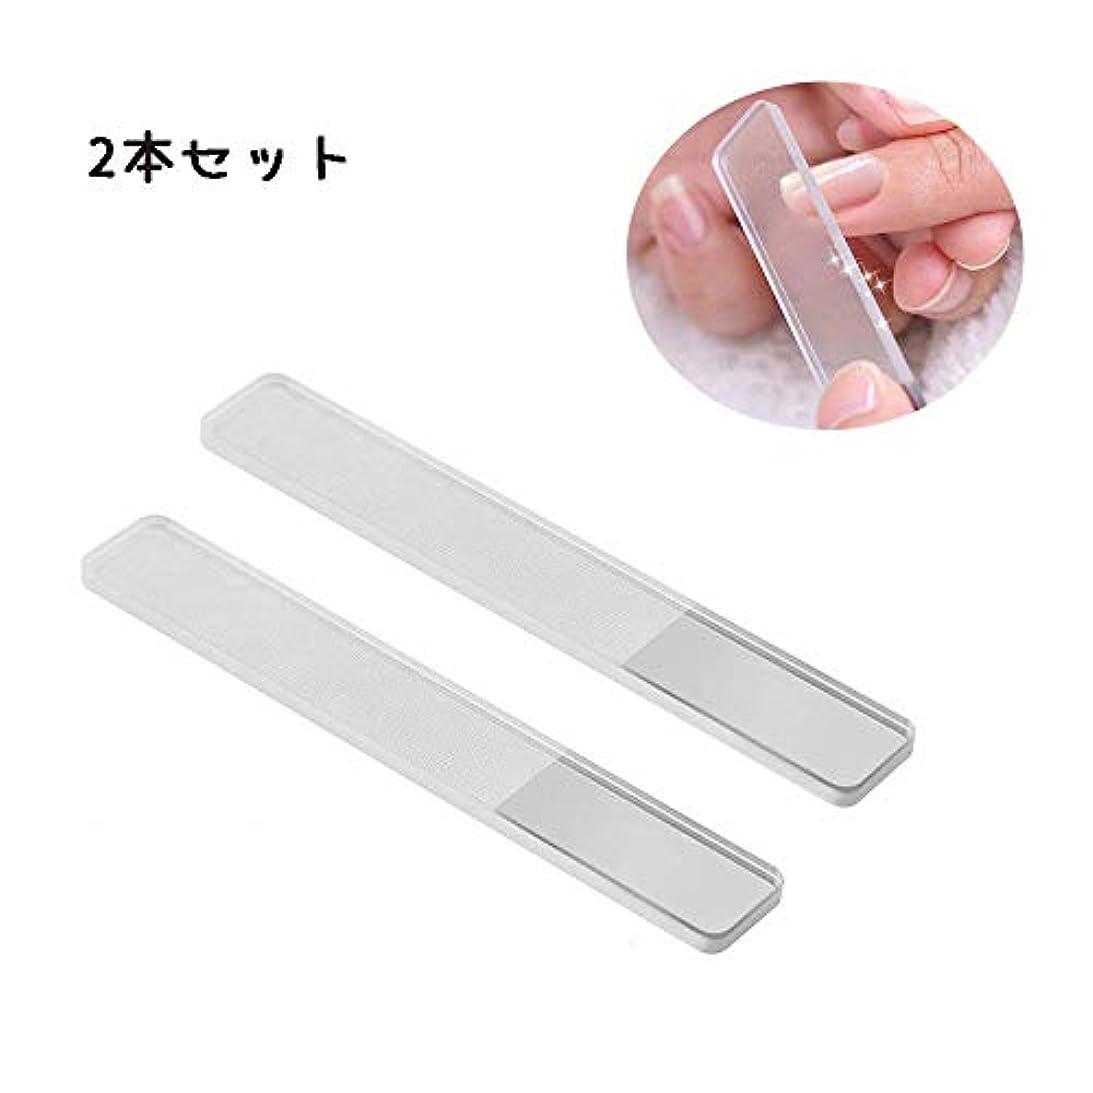 から条約道徳の爪やすり ガラス 爪磨き ガラス製 ネイルシャイナー ピカピカ ネイルケア ナノ技術が生んだ全く新しい 甘皮処理 携帯便利 収納ケース付き 2本 セット (2pcs)